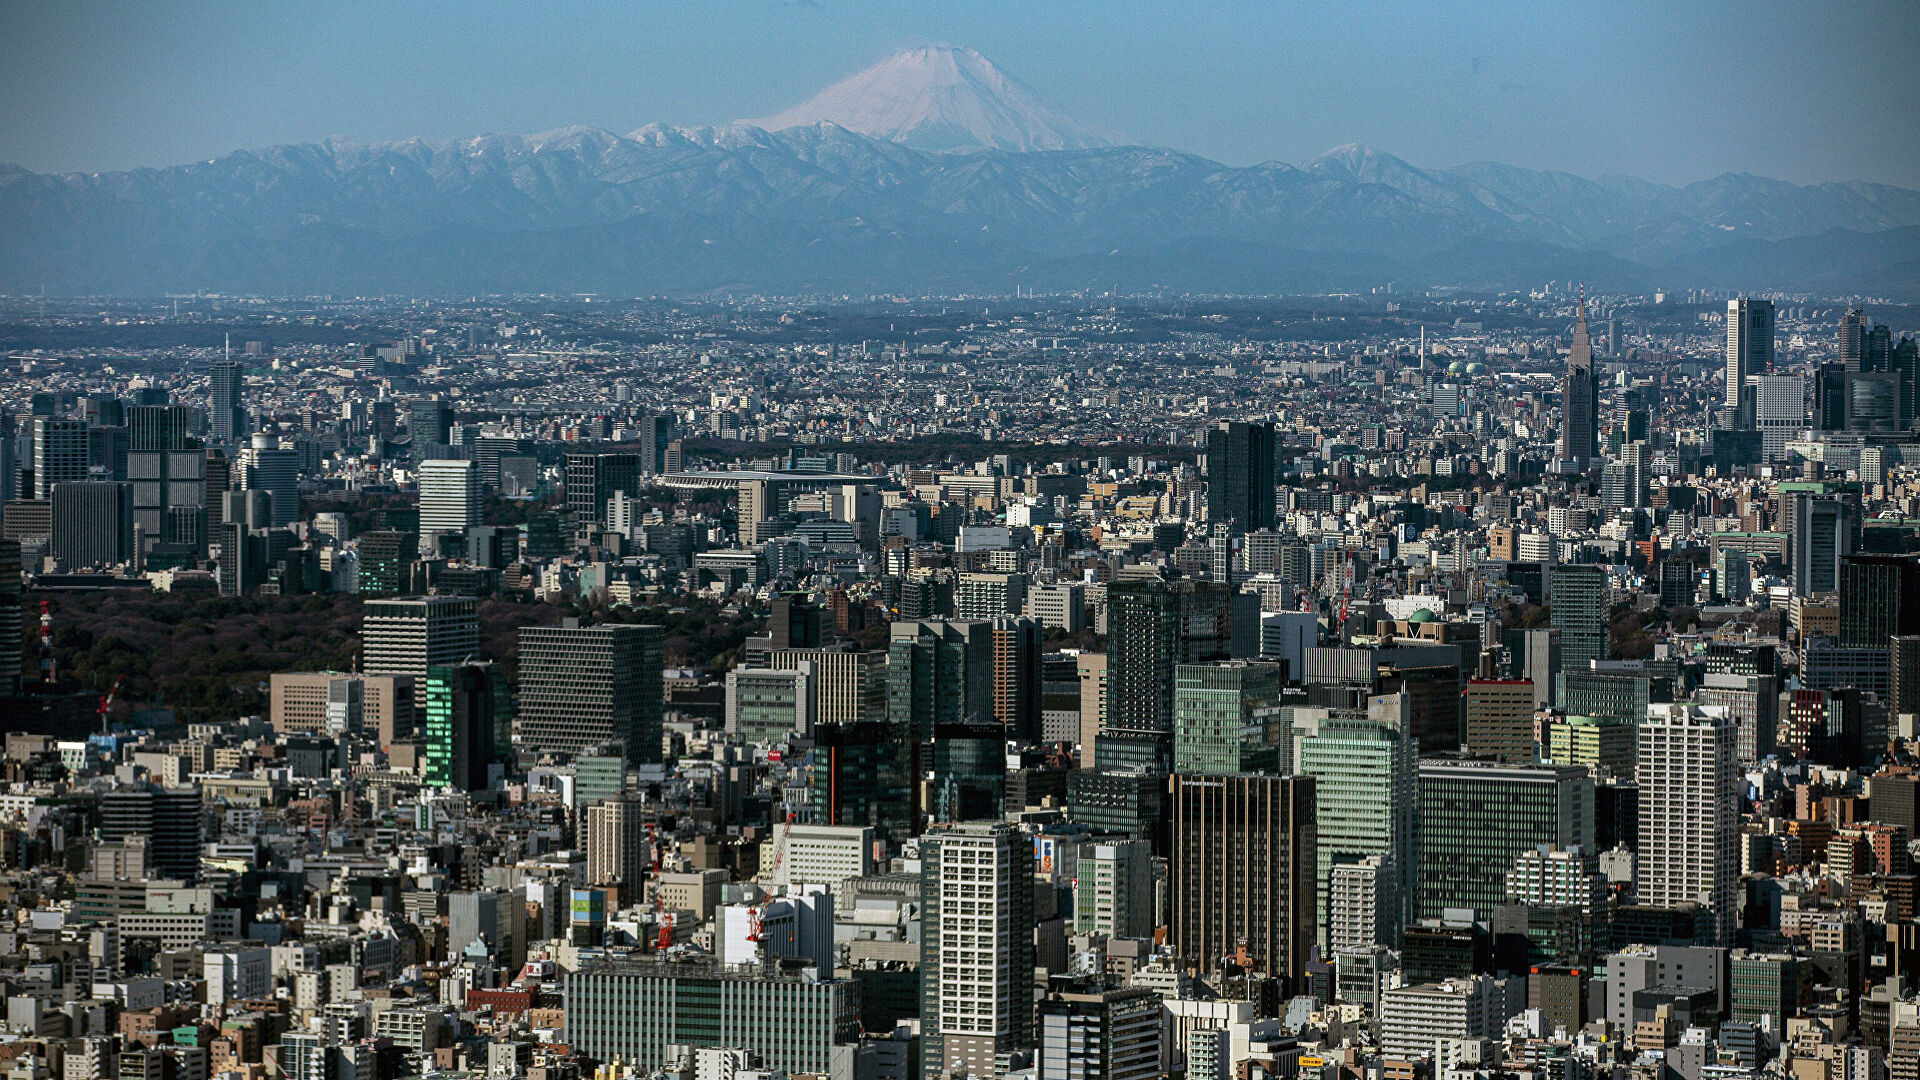 В Японии опровергли данные о подозрениях в отношении экипажа